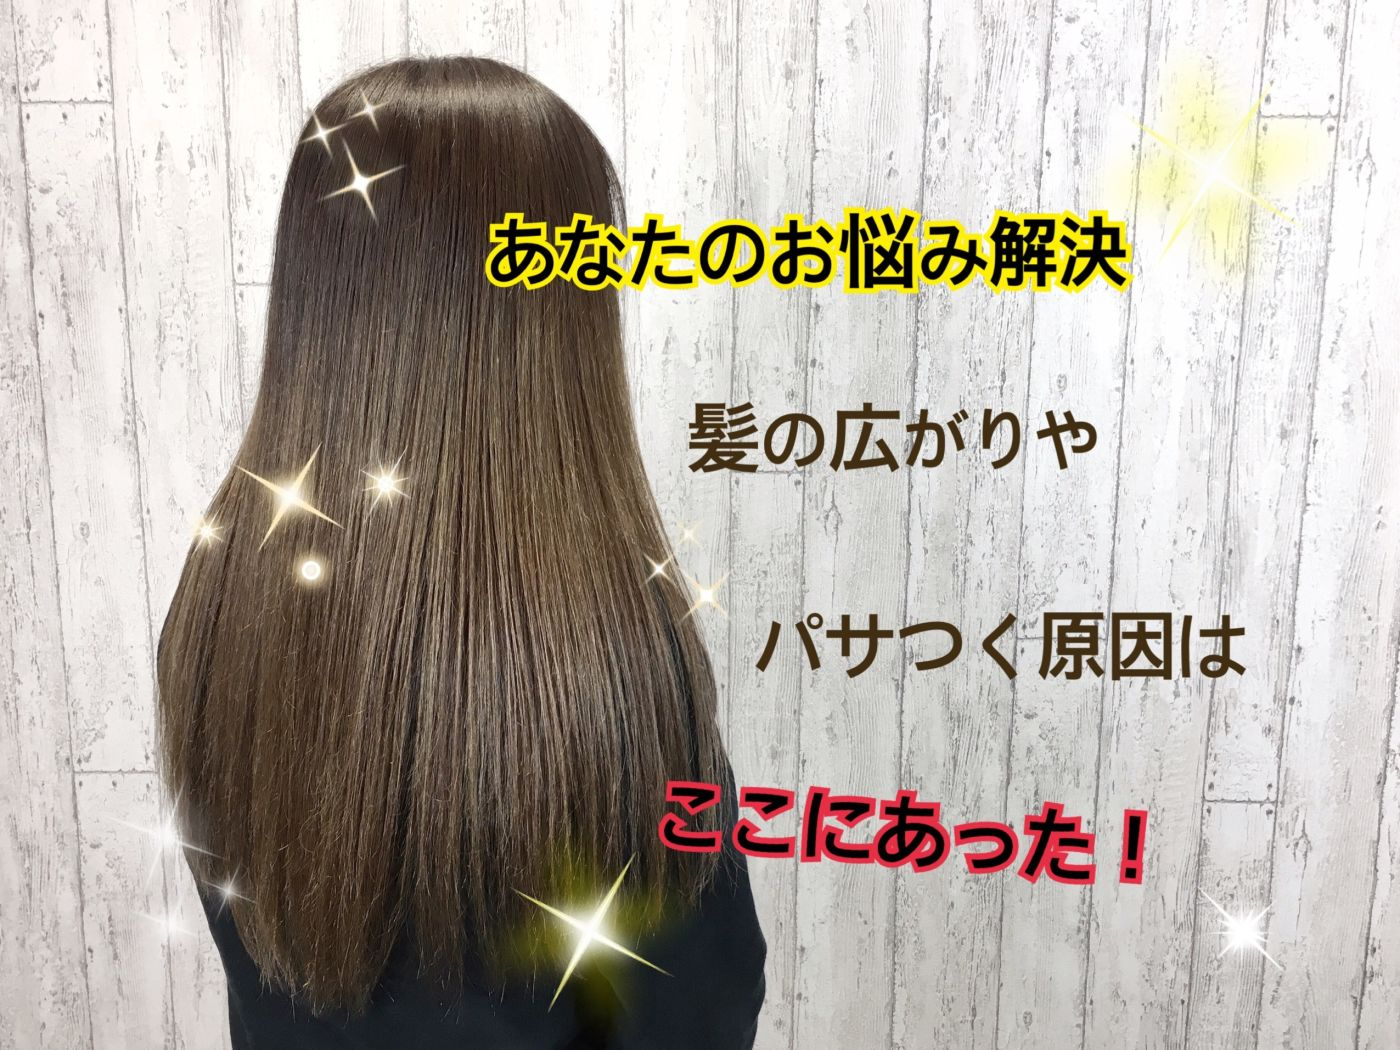 髪の広がりやパサつく原因はここにあった!ケア方法とアイテム紹介